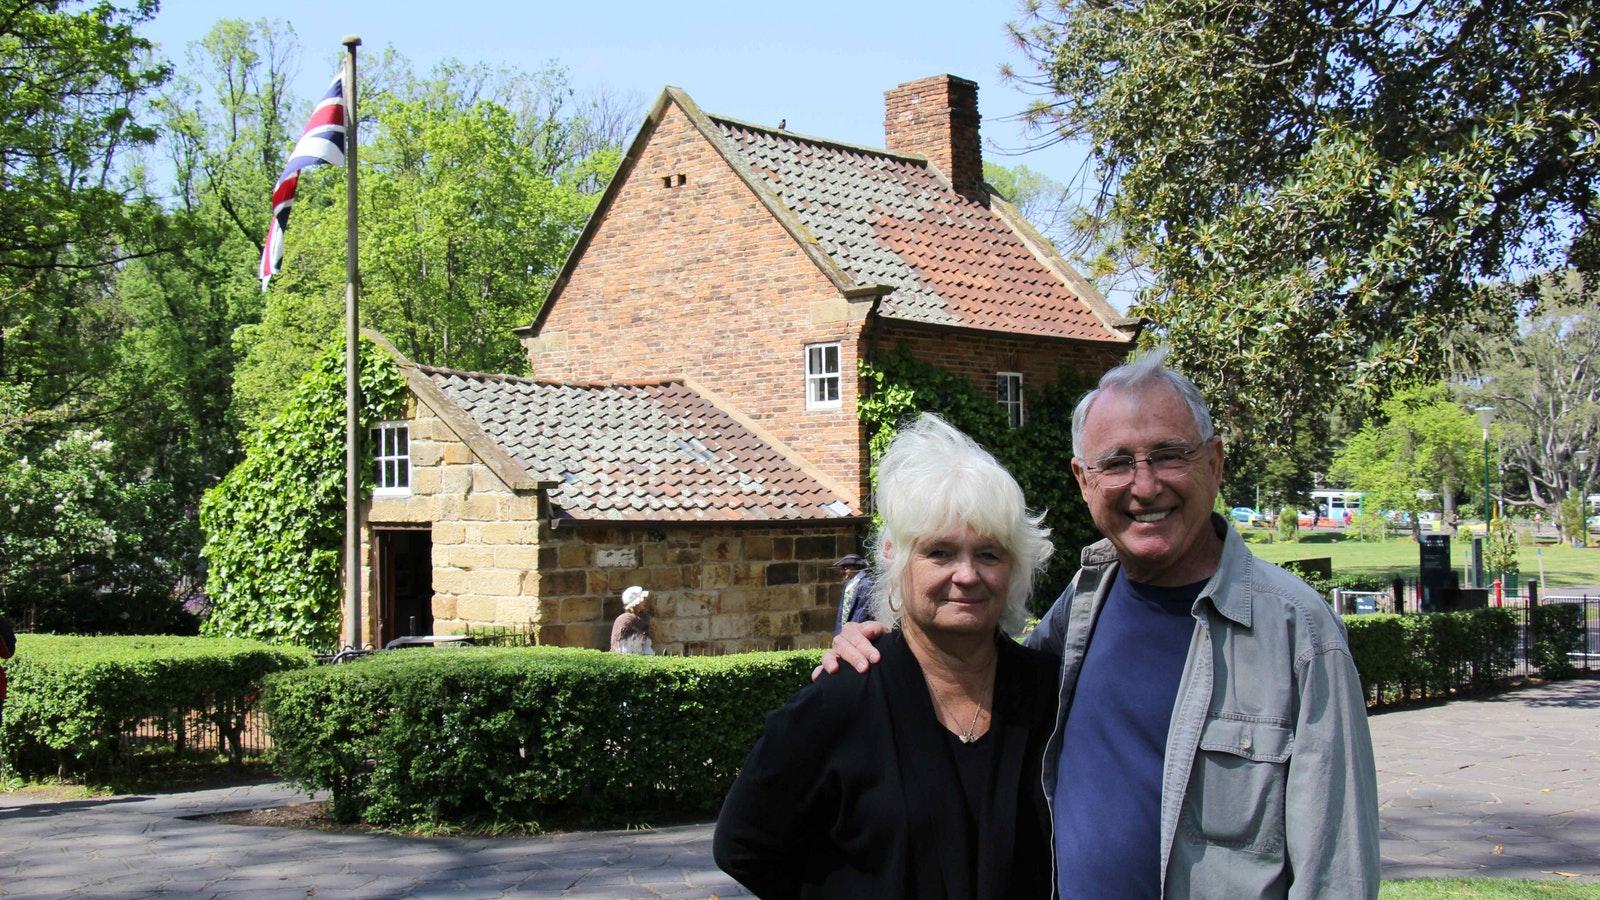 Captain Cook's Cottage